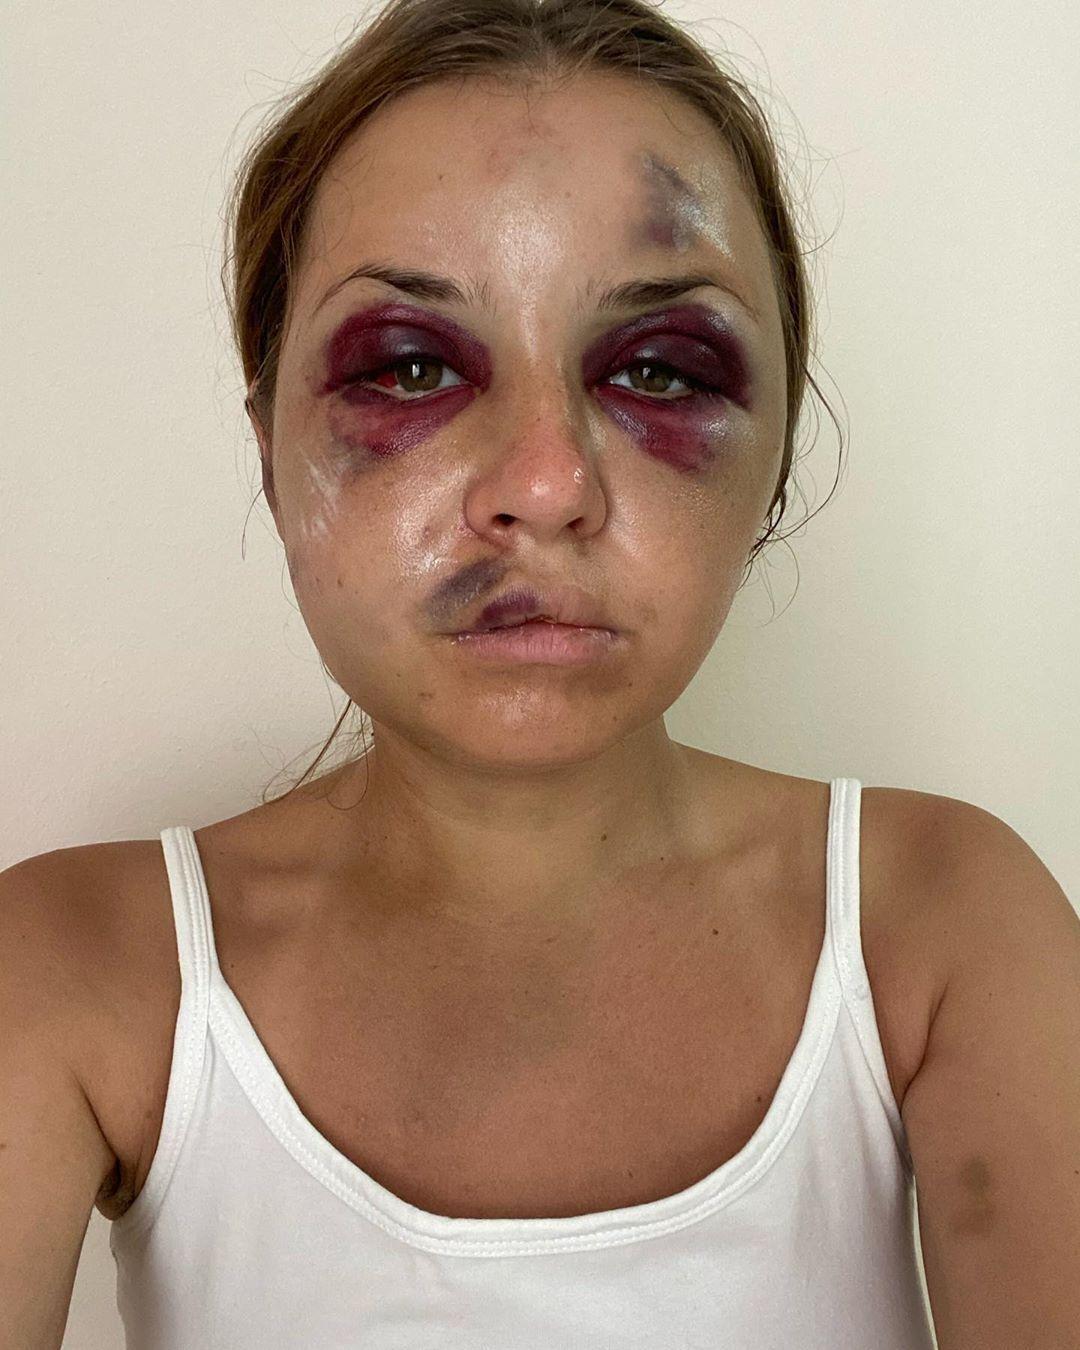 Анастасия Луговая на 2-й день после избиения